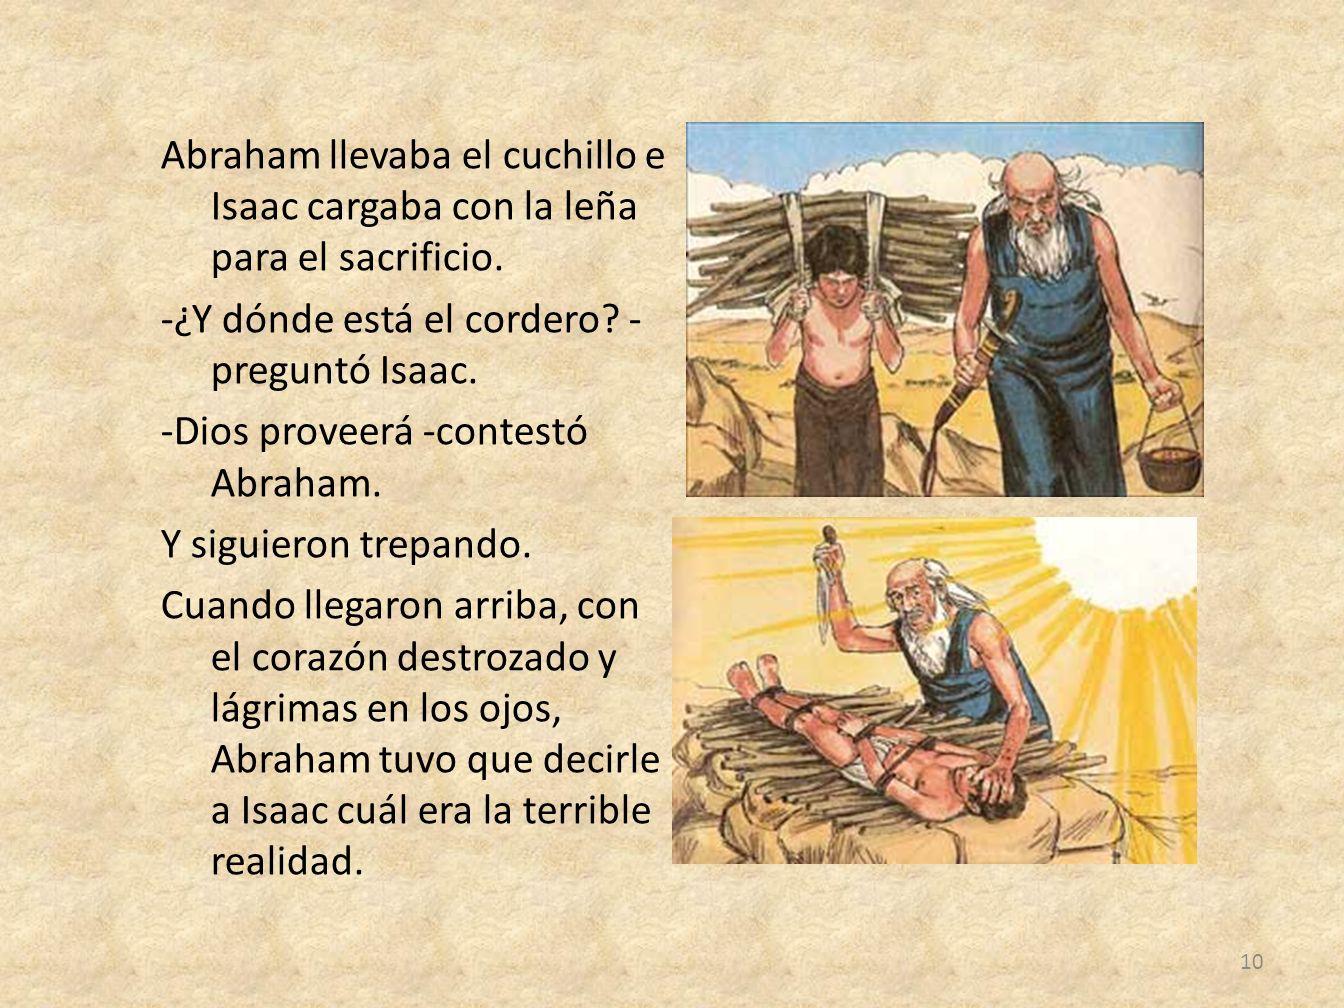 Abraham llevaba el cuchillo e Isaac cargaba con la leña para el sacrificio. -¿Y dónde está el cordero? - preguntó Isaac. -Dios proveerá -contestó Abra